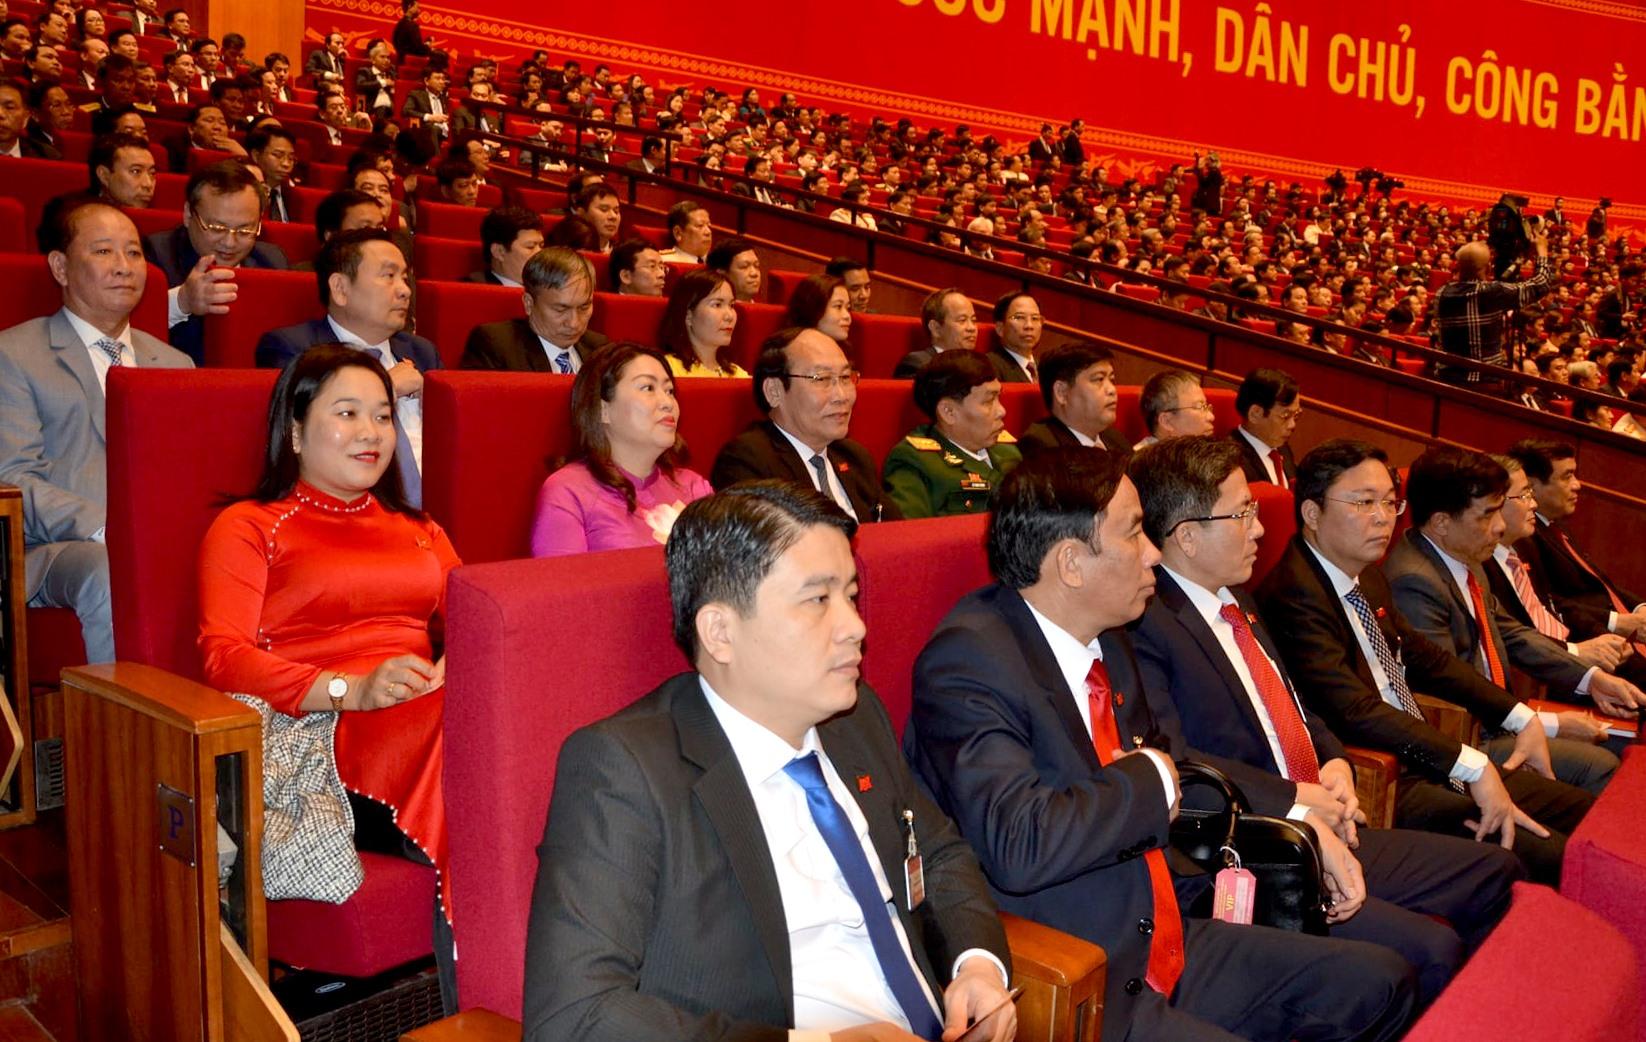 Đoàn đại biểu Quảng Nam dự đại hội. Ảnh: HỮU PHÚC